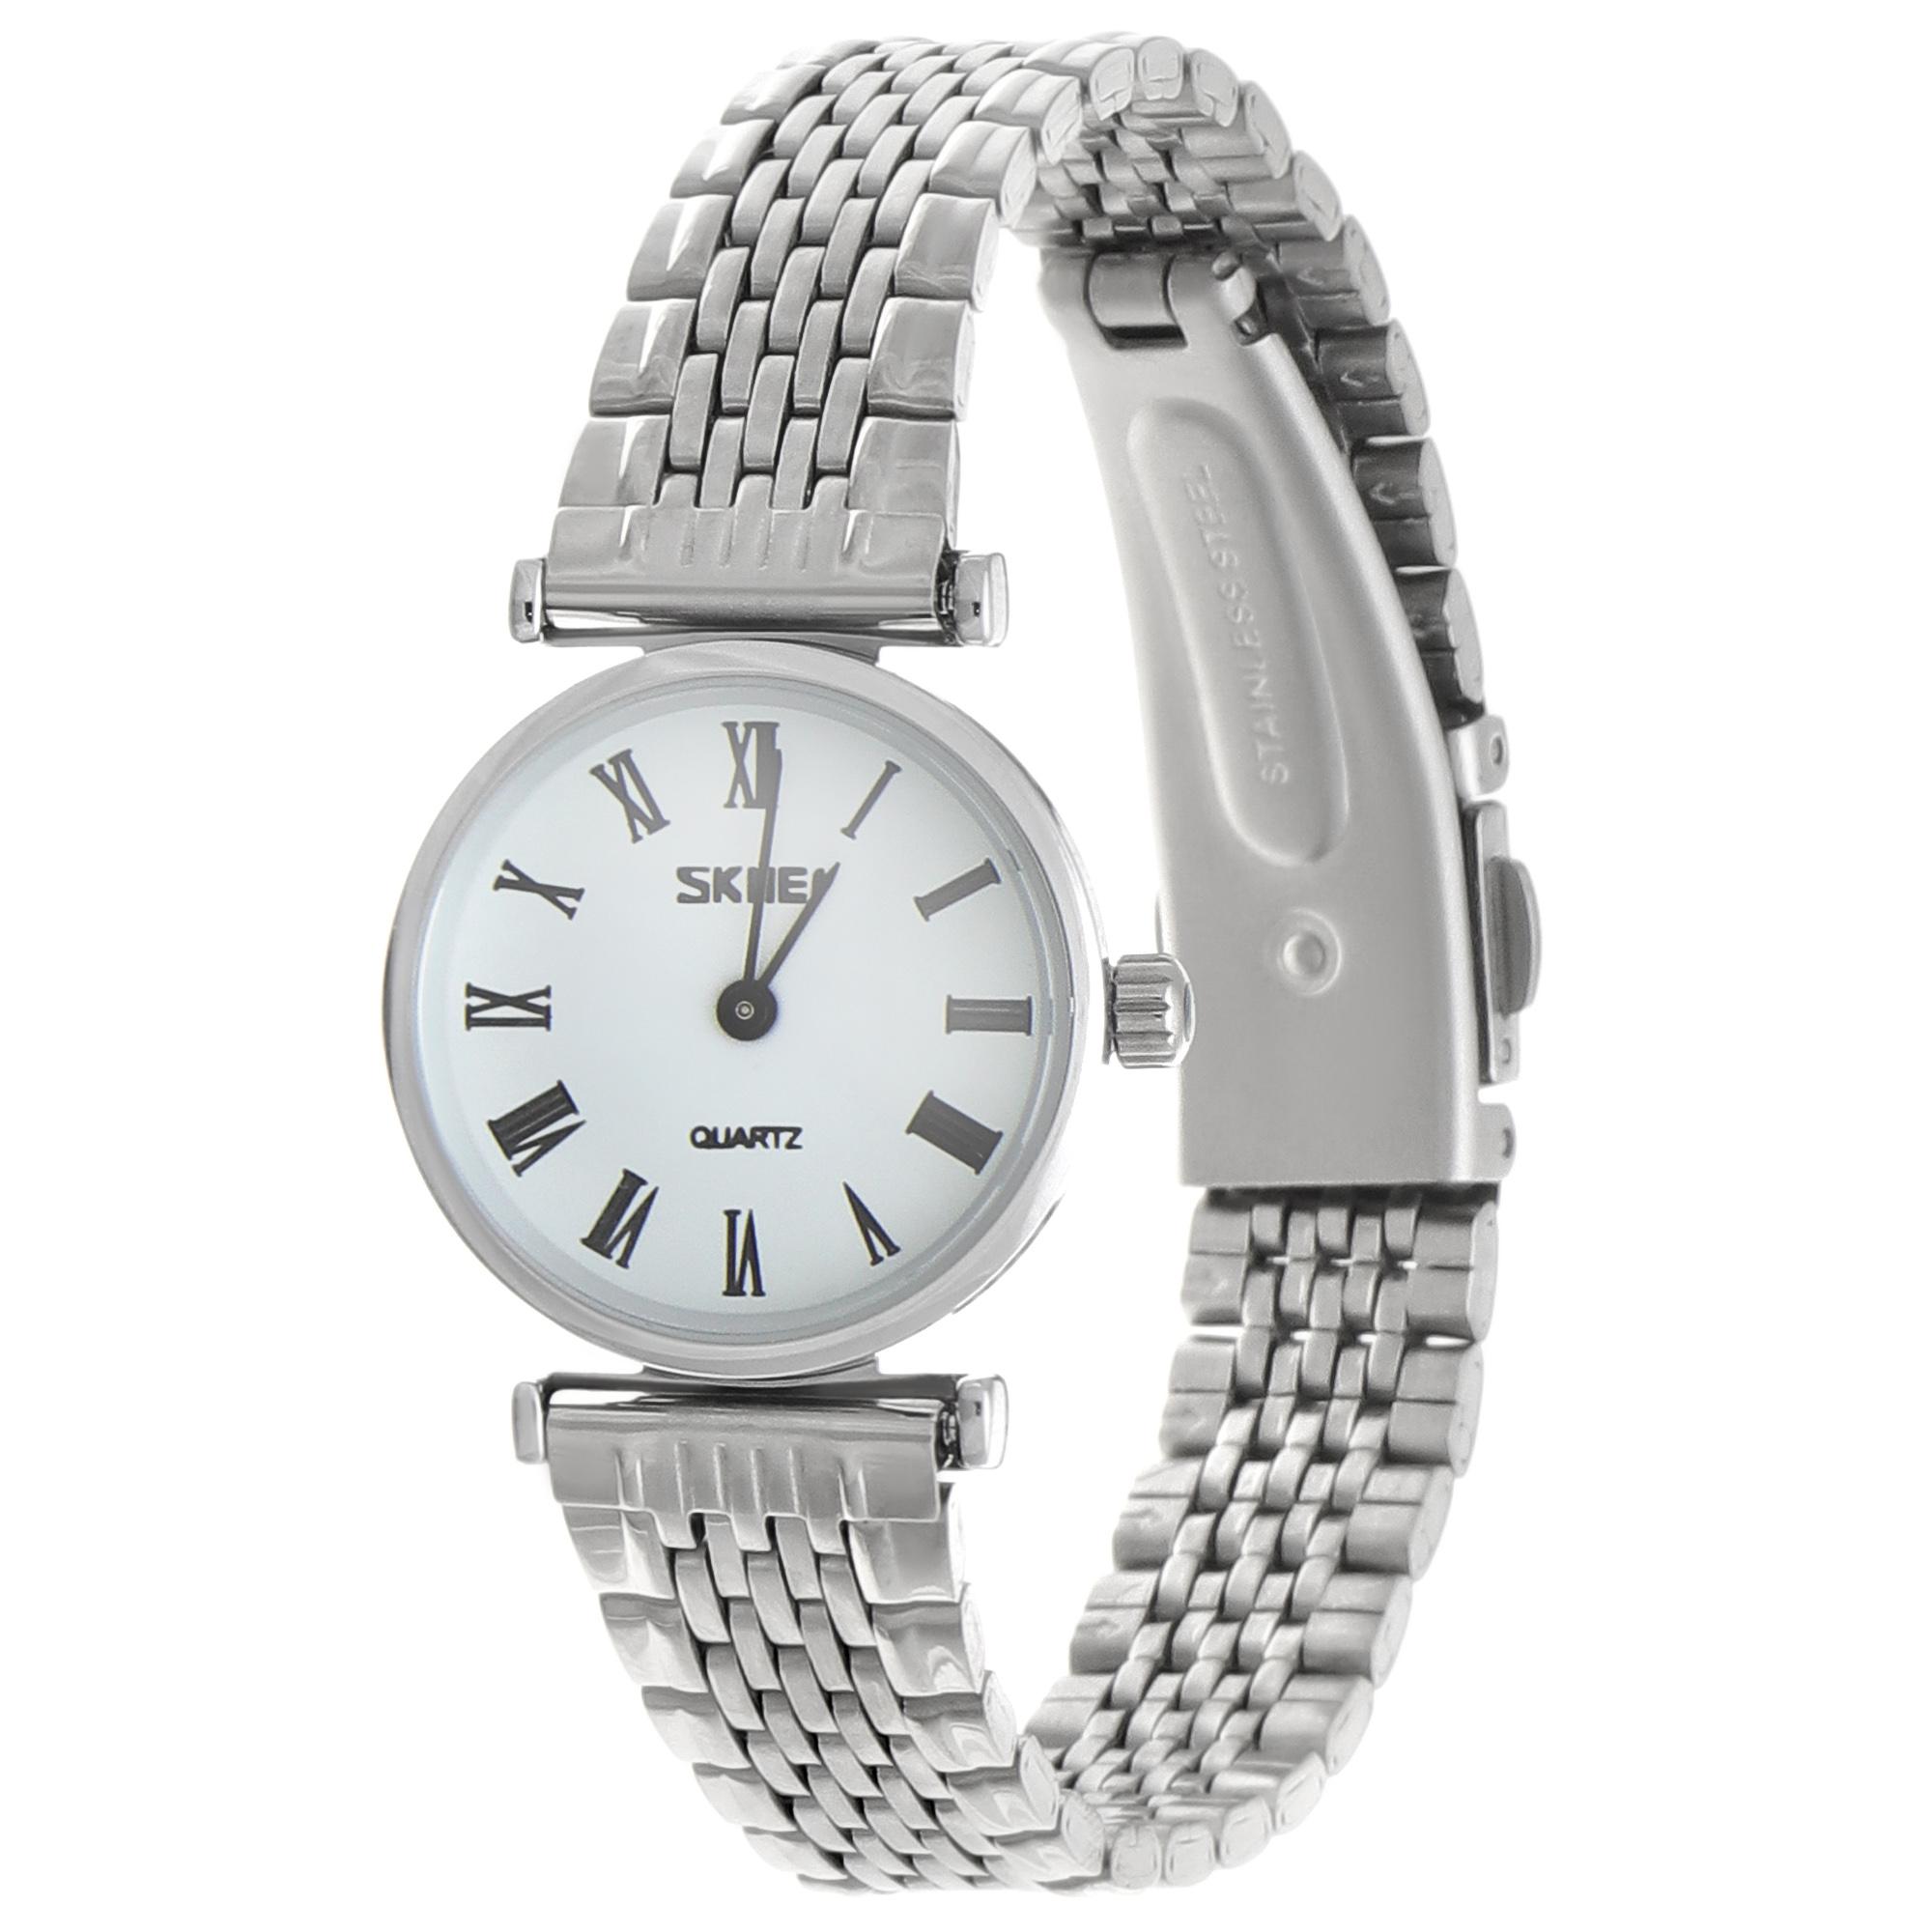 Часы наручные SKMEI SKMB041902L часы наручные shiyi watch skmei skmb041902g